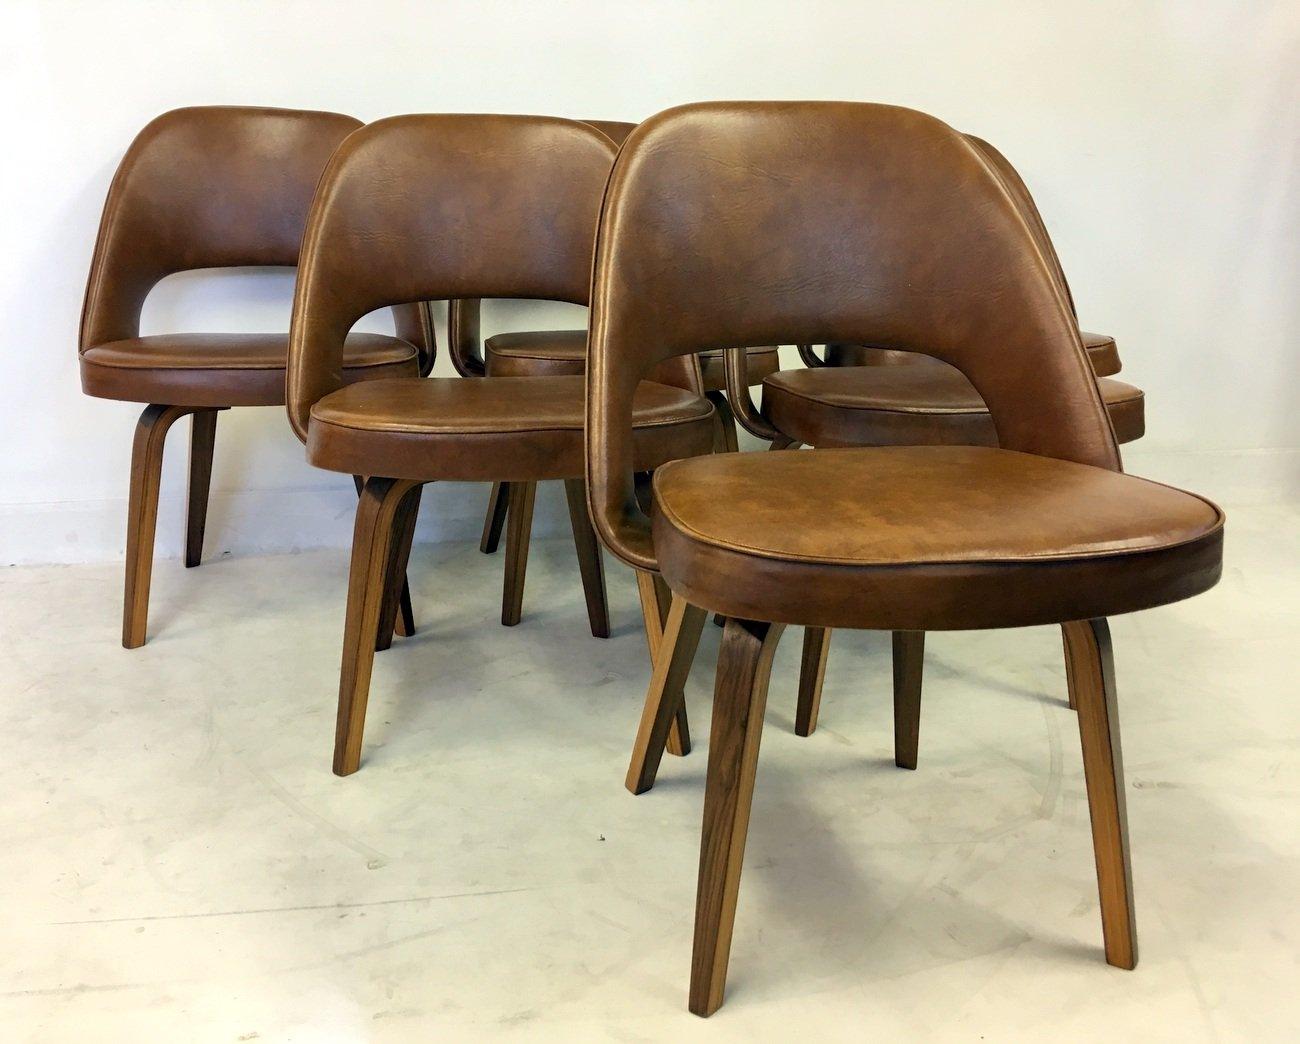 chaises de direction vintage par eero saarinen pour knoll set de 6 en vente sur pamono. Black Bedroom Furniture Sets. Home Design Ideas